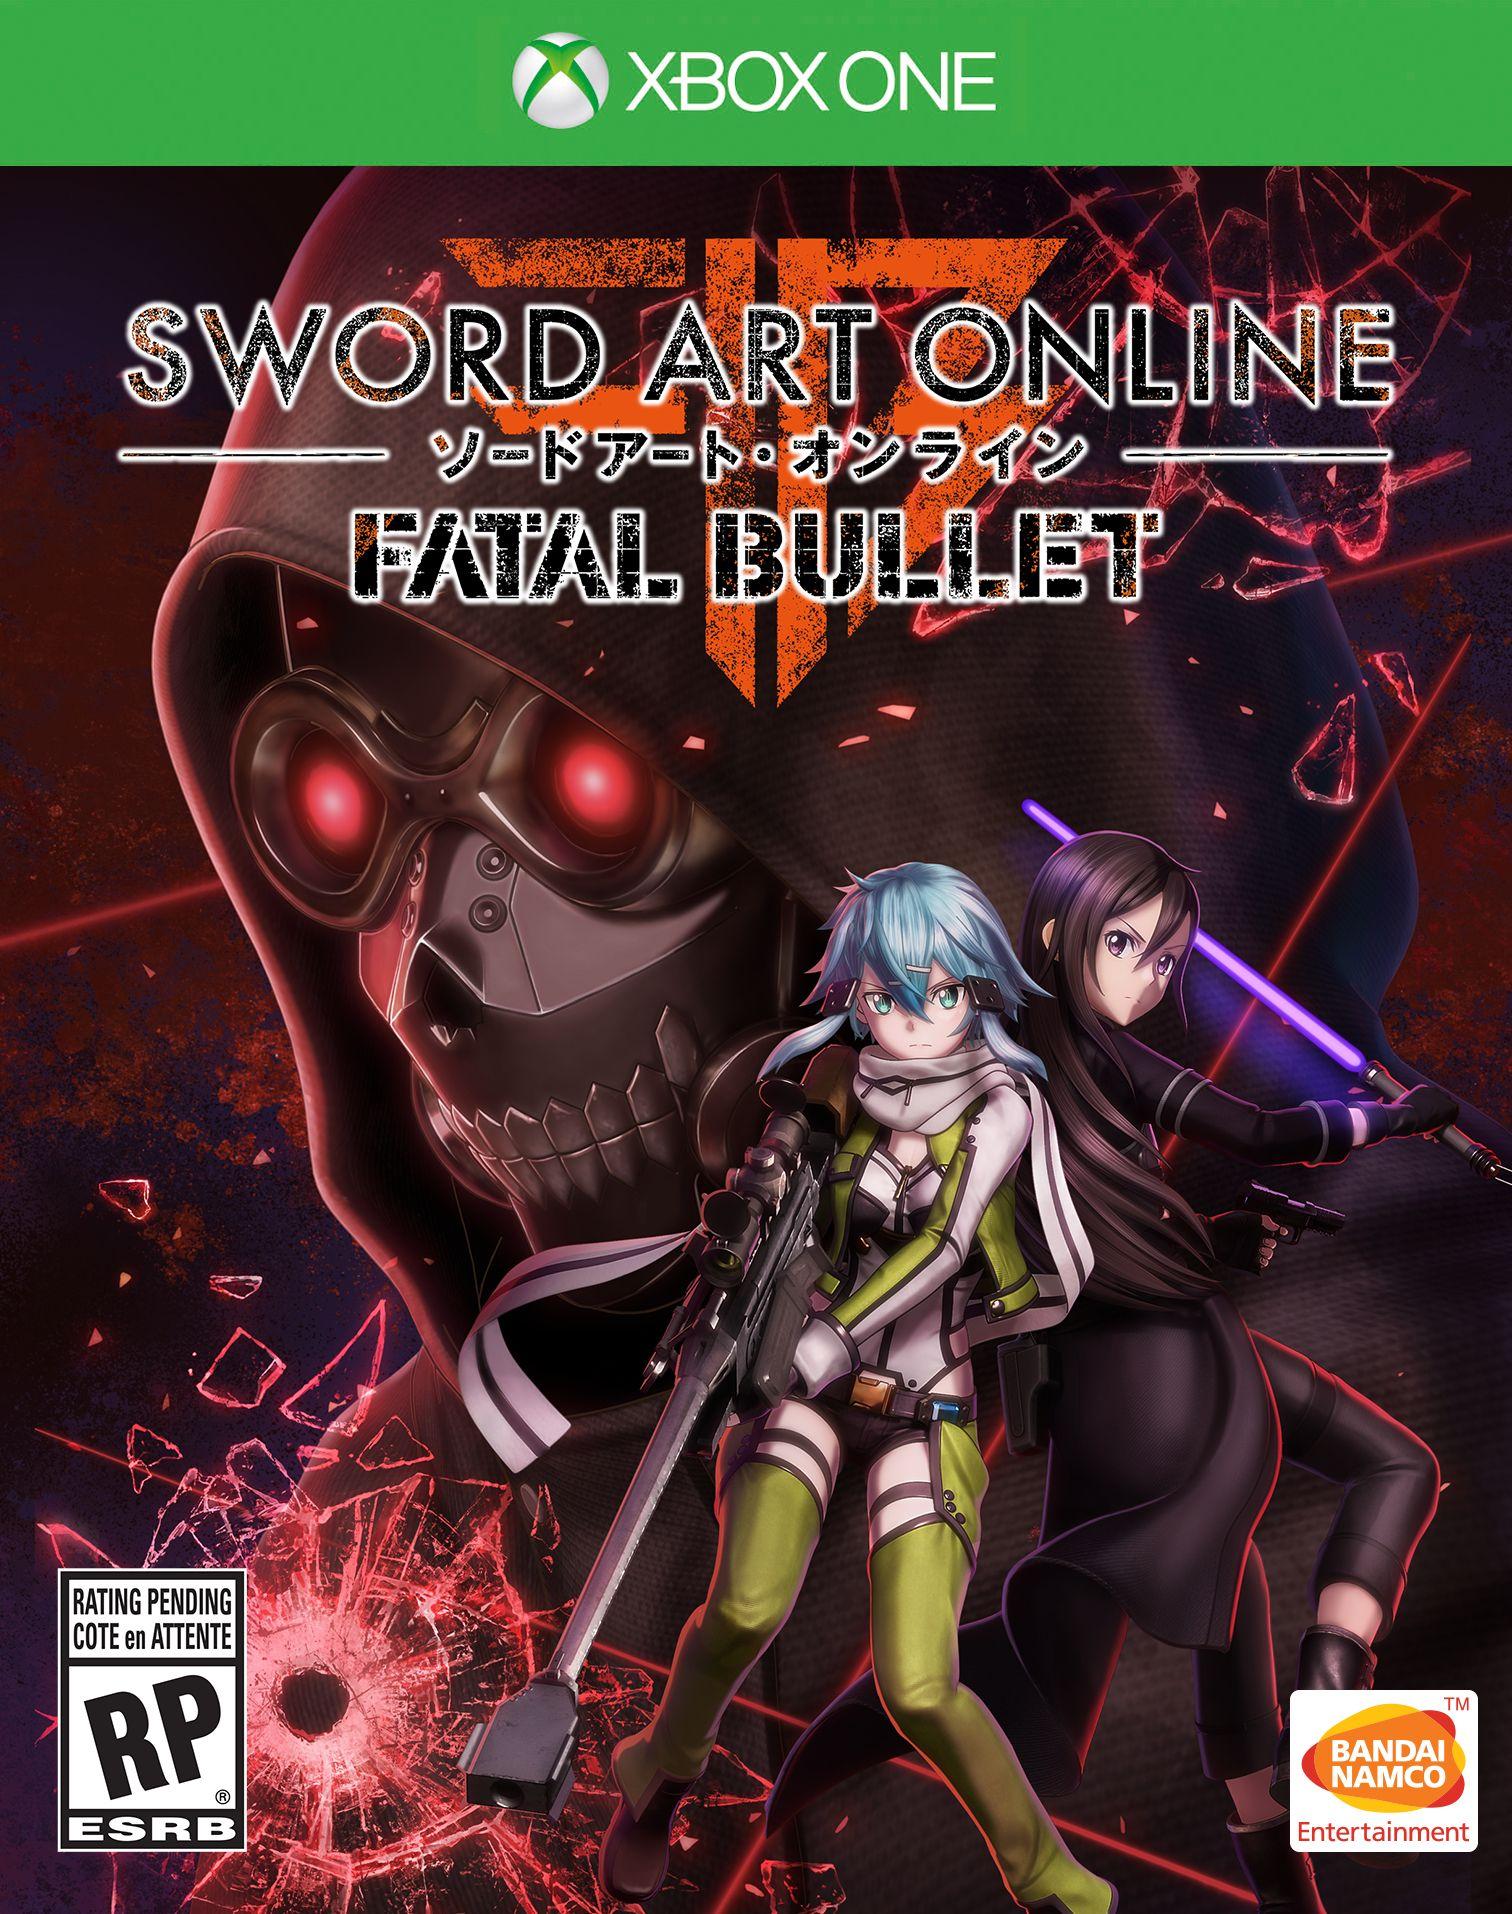 Sword Art Online Fatal Bullet Xbox One Boxart